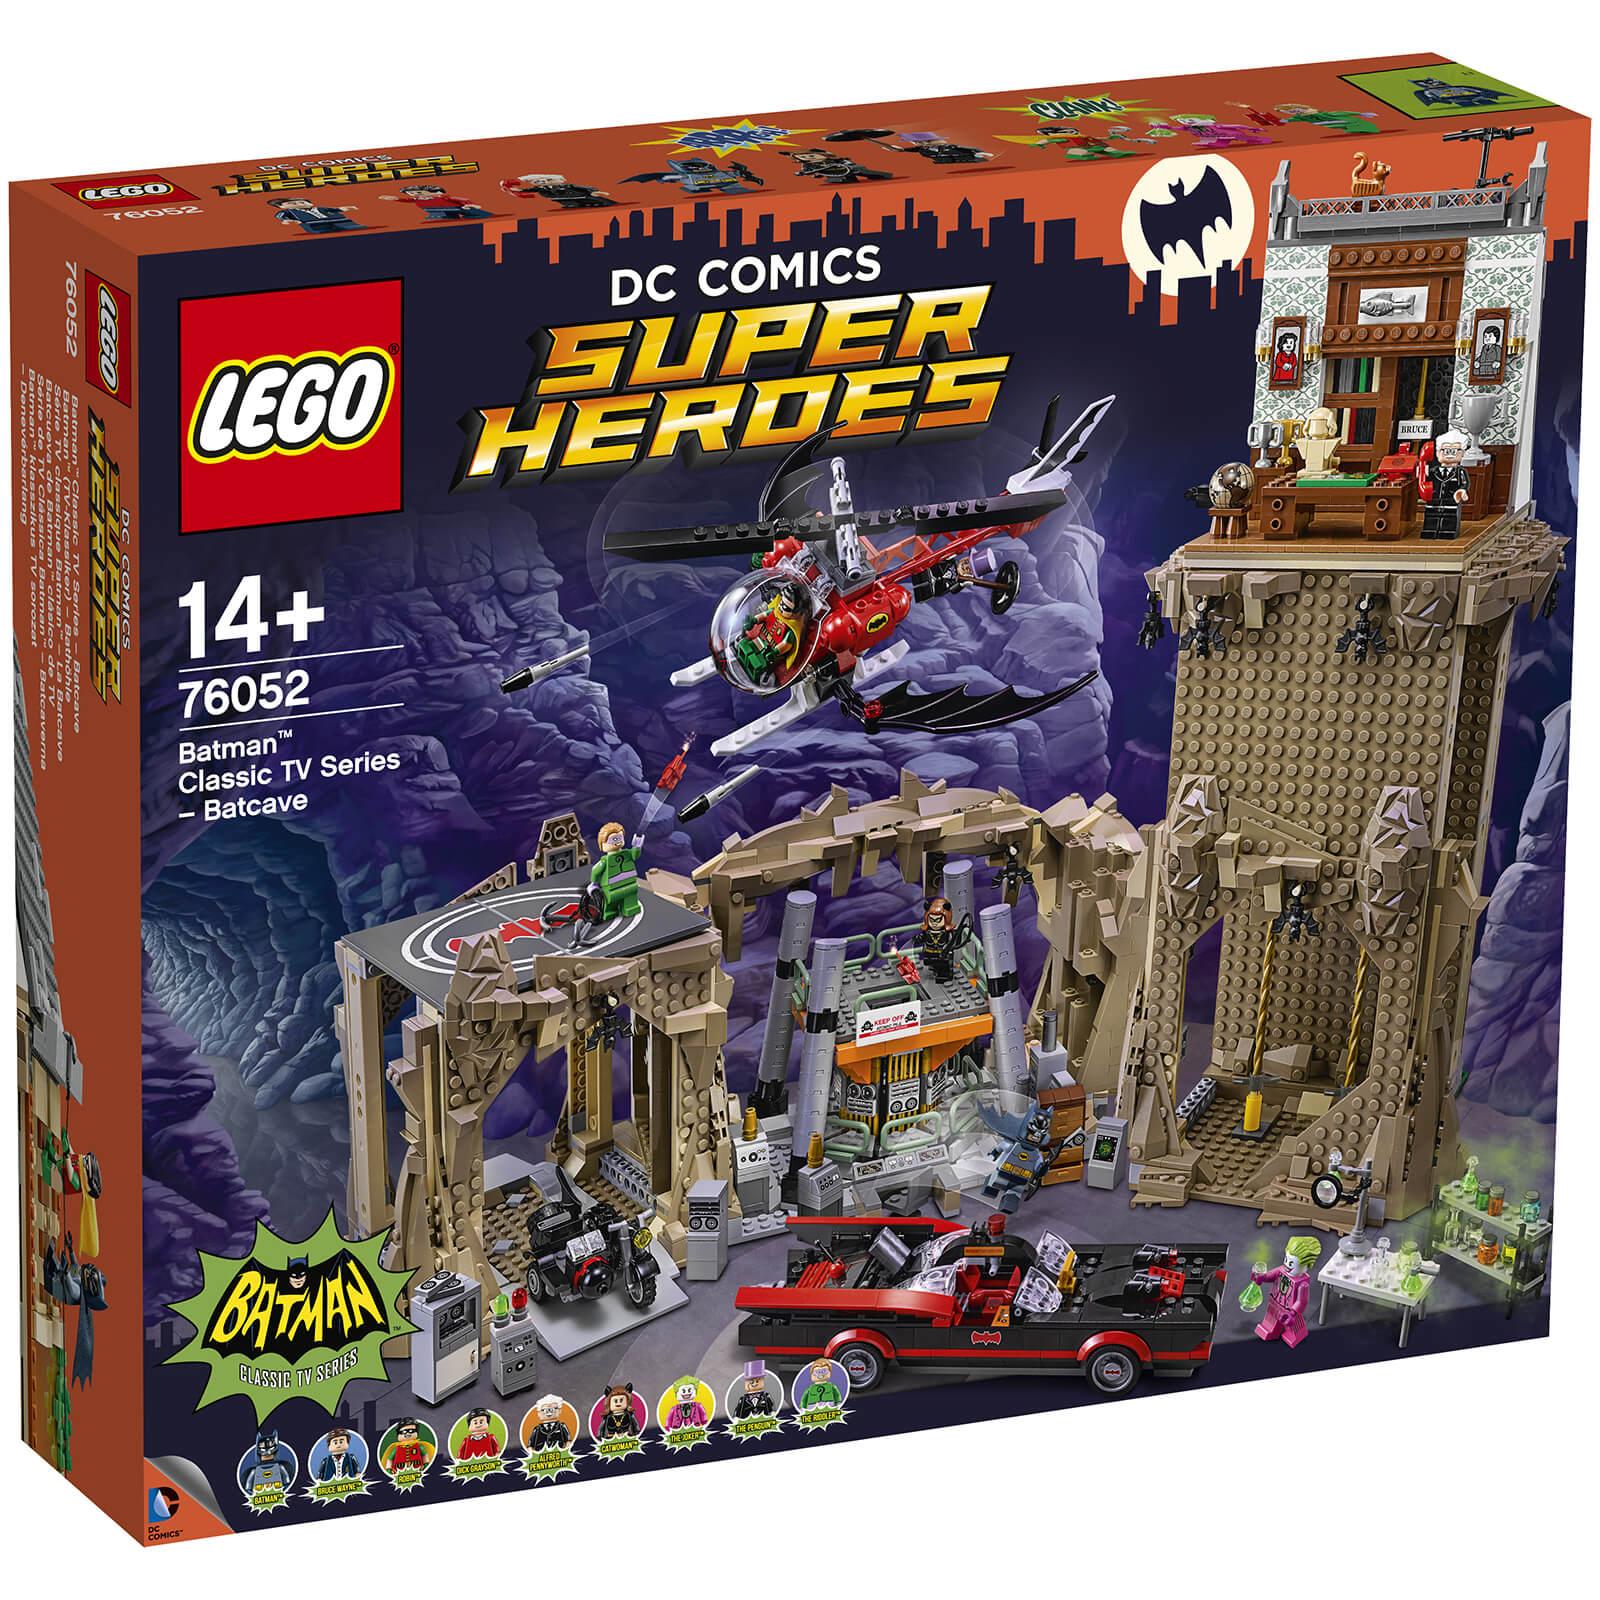 LEGO Super Heroes classic batcave 76052 - £211.98 delivered at Zavvi